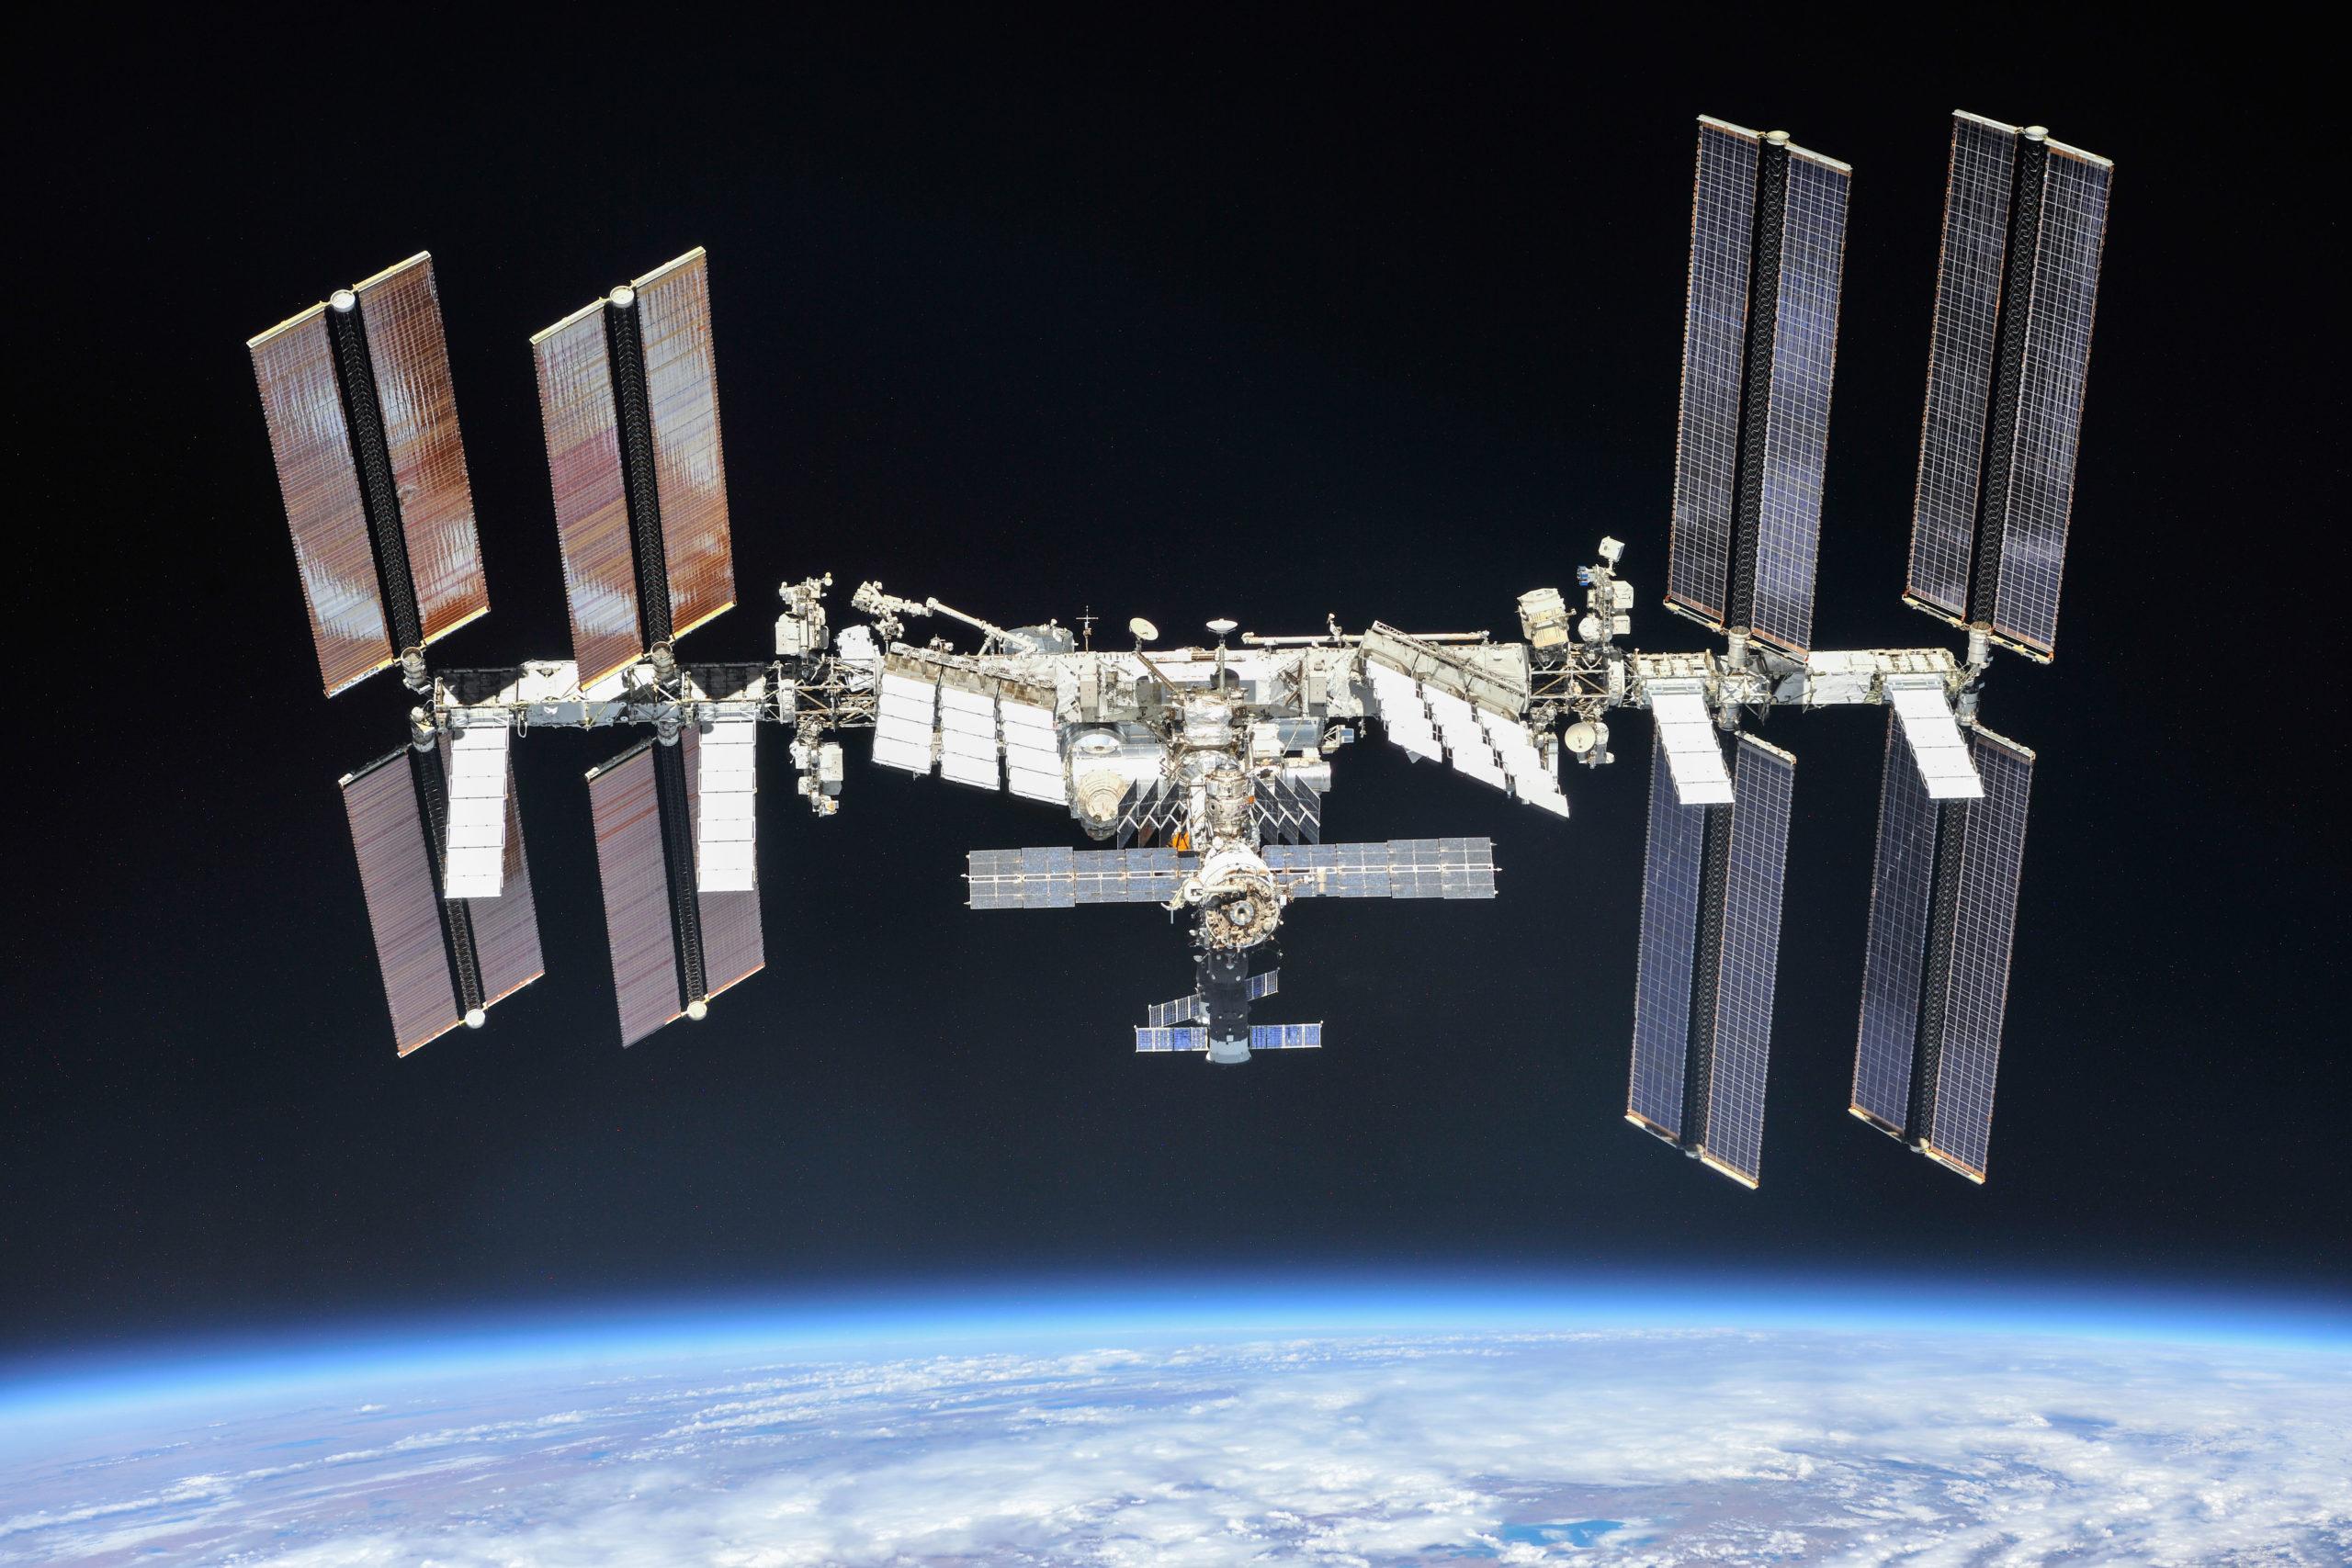 ISS - Image credit: NASA/Roscosmos